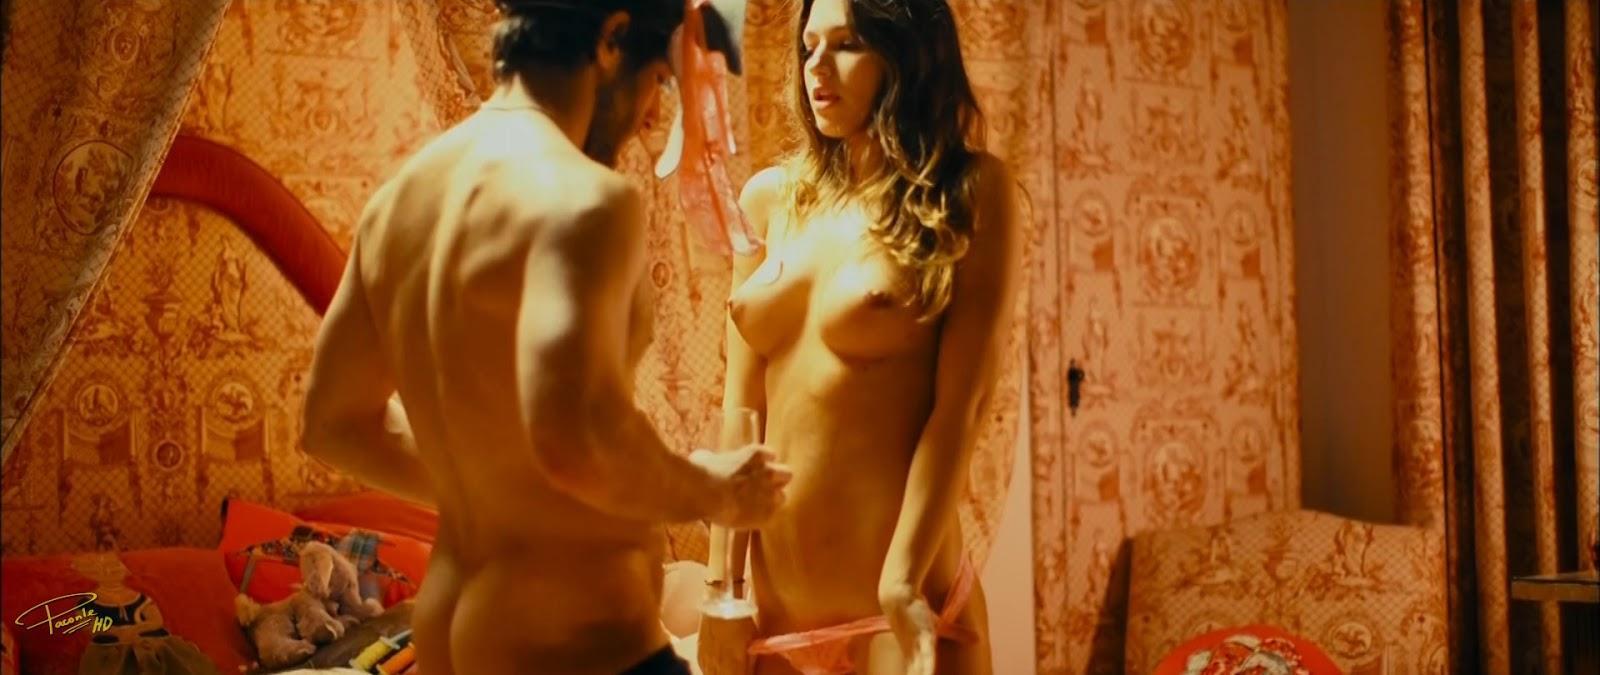 Úrsula Corberó desnudas